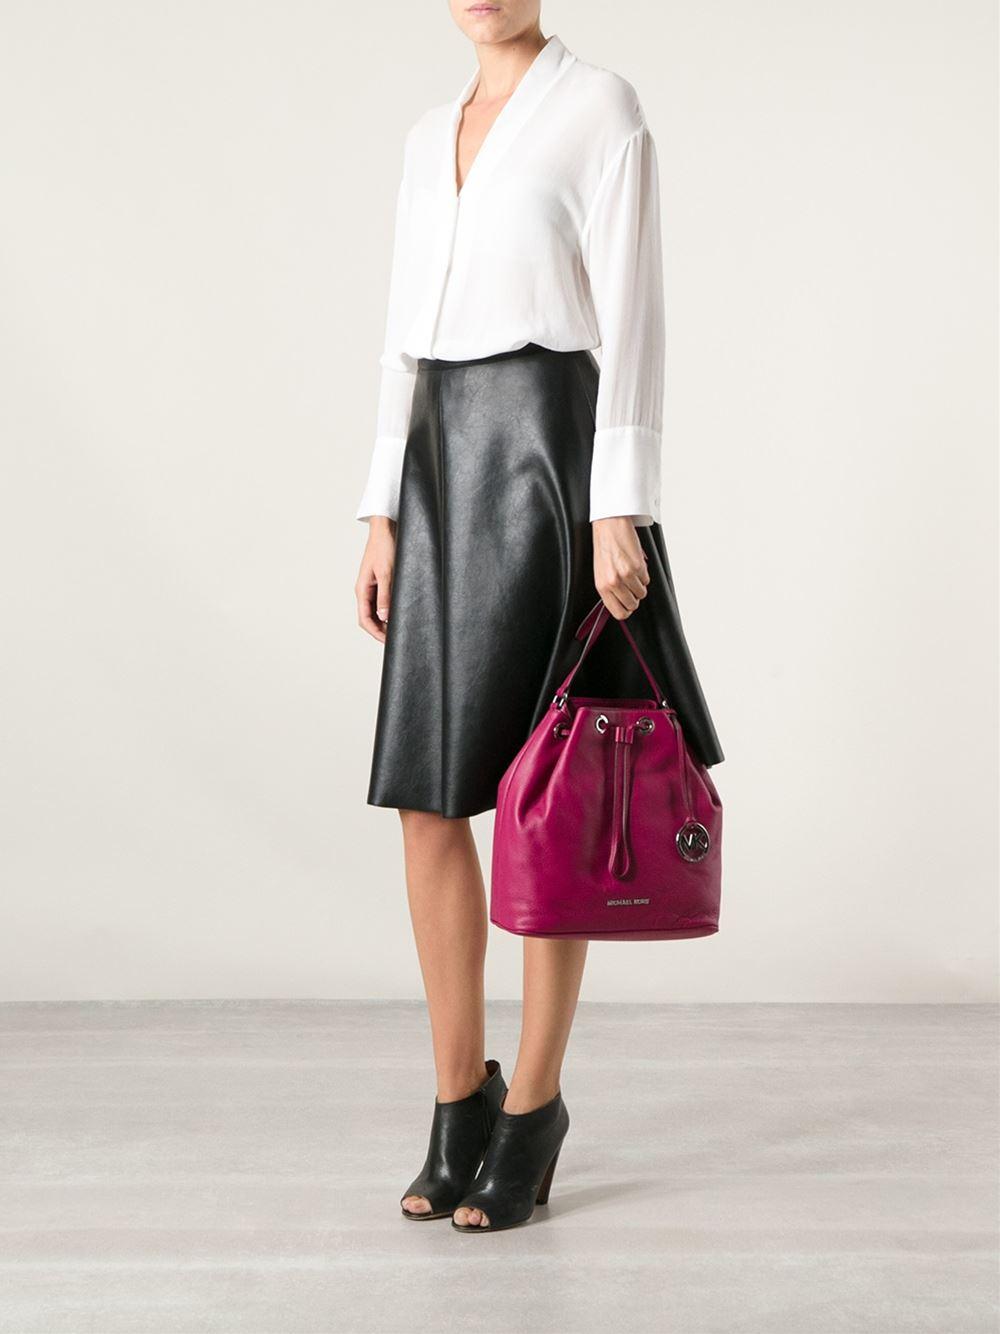 michael kors jules large drawstring shoulder bag in pink. Black Bedroom Furniture Sets. Home Design Ideas